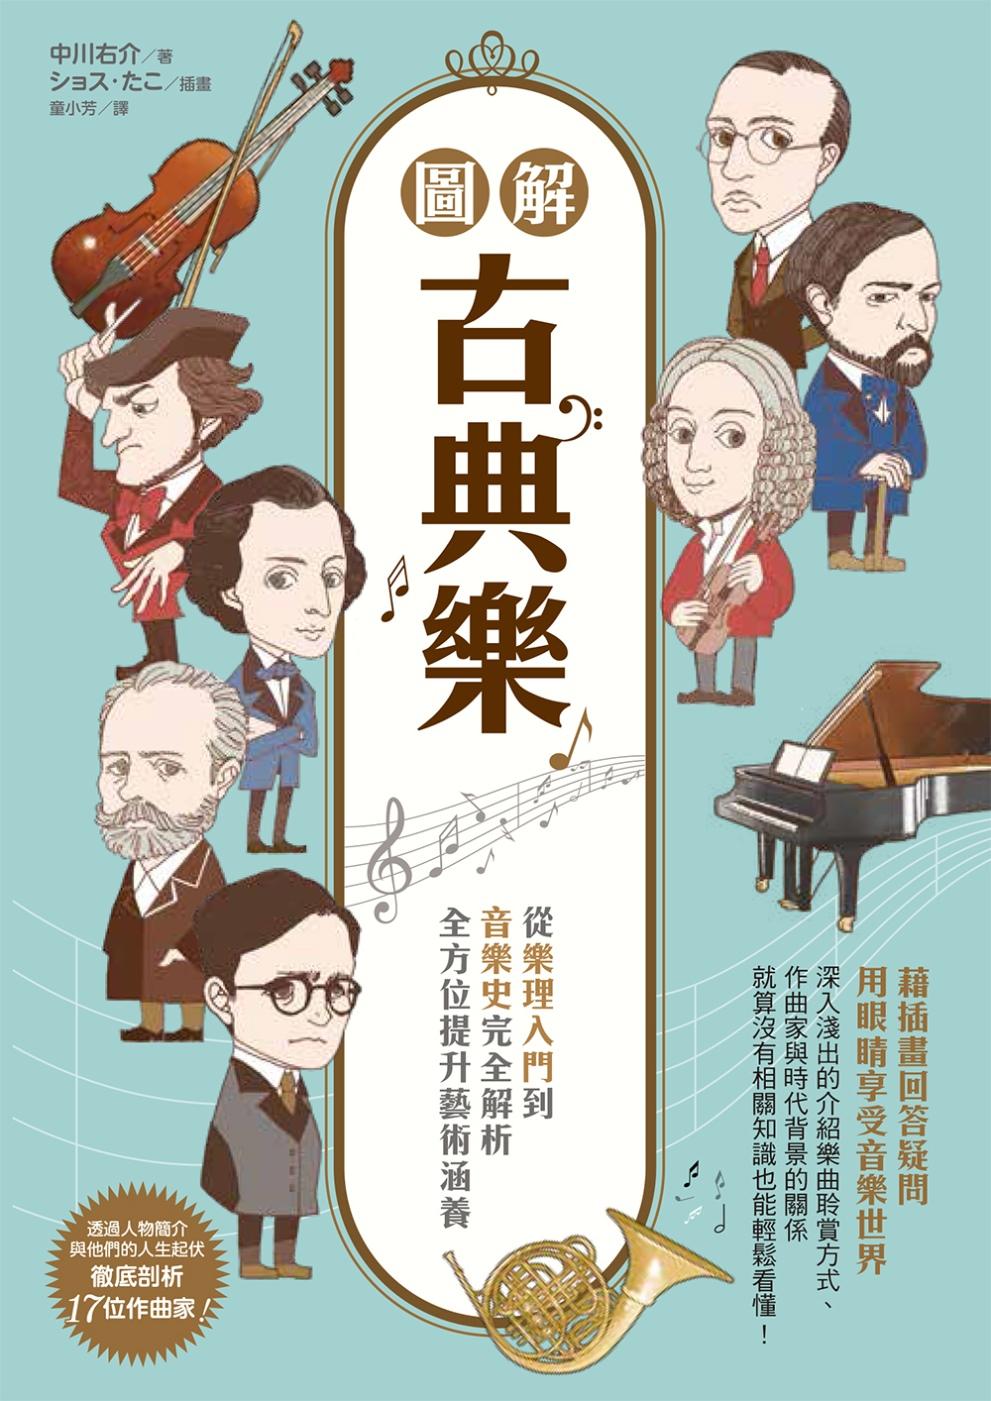 圖解古典樂:從樂理入門到音樂史完全解析,全方位提升藝術涵養